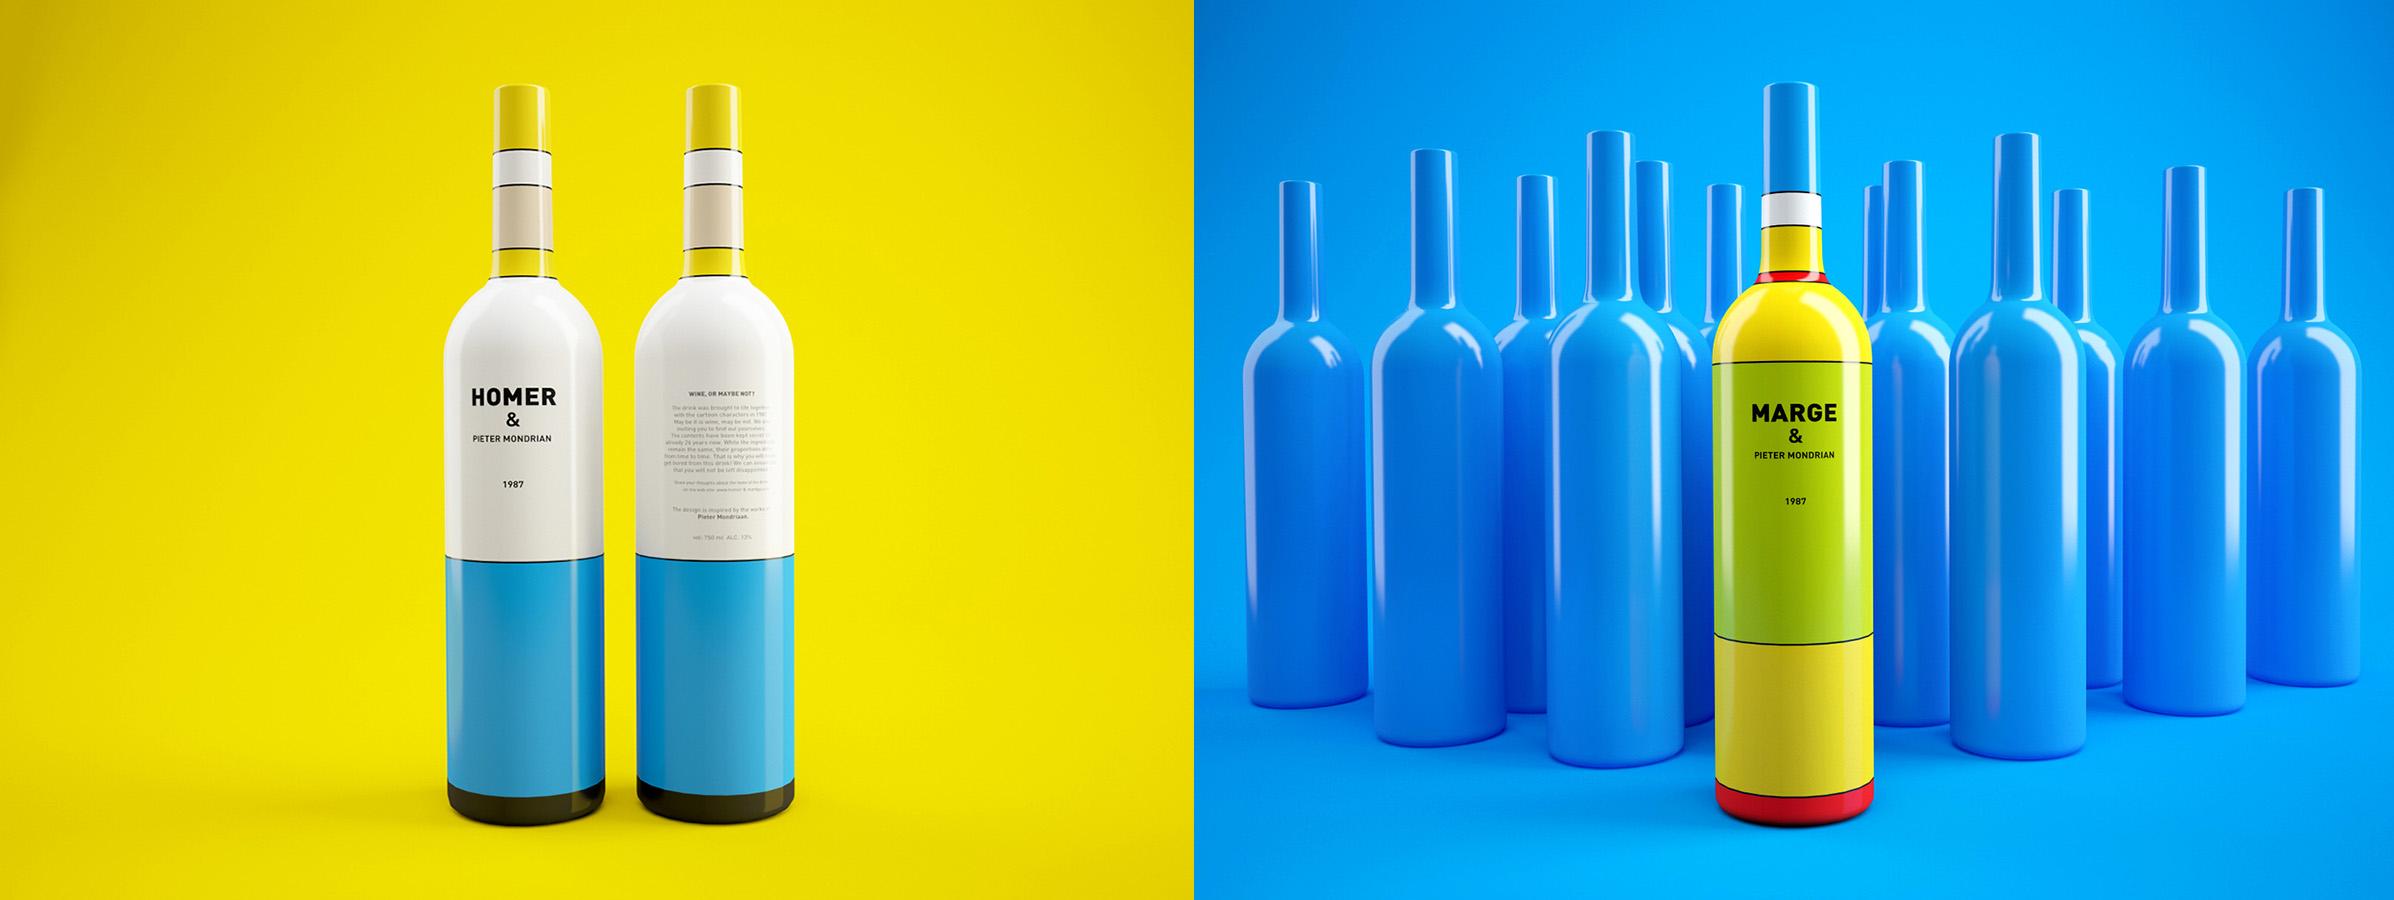 Diseño de packaging inspirado en Los Simposton y Piet Mondrian